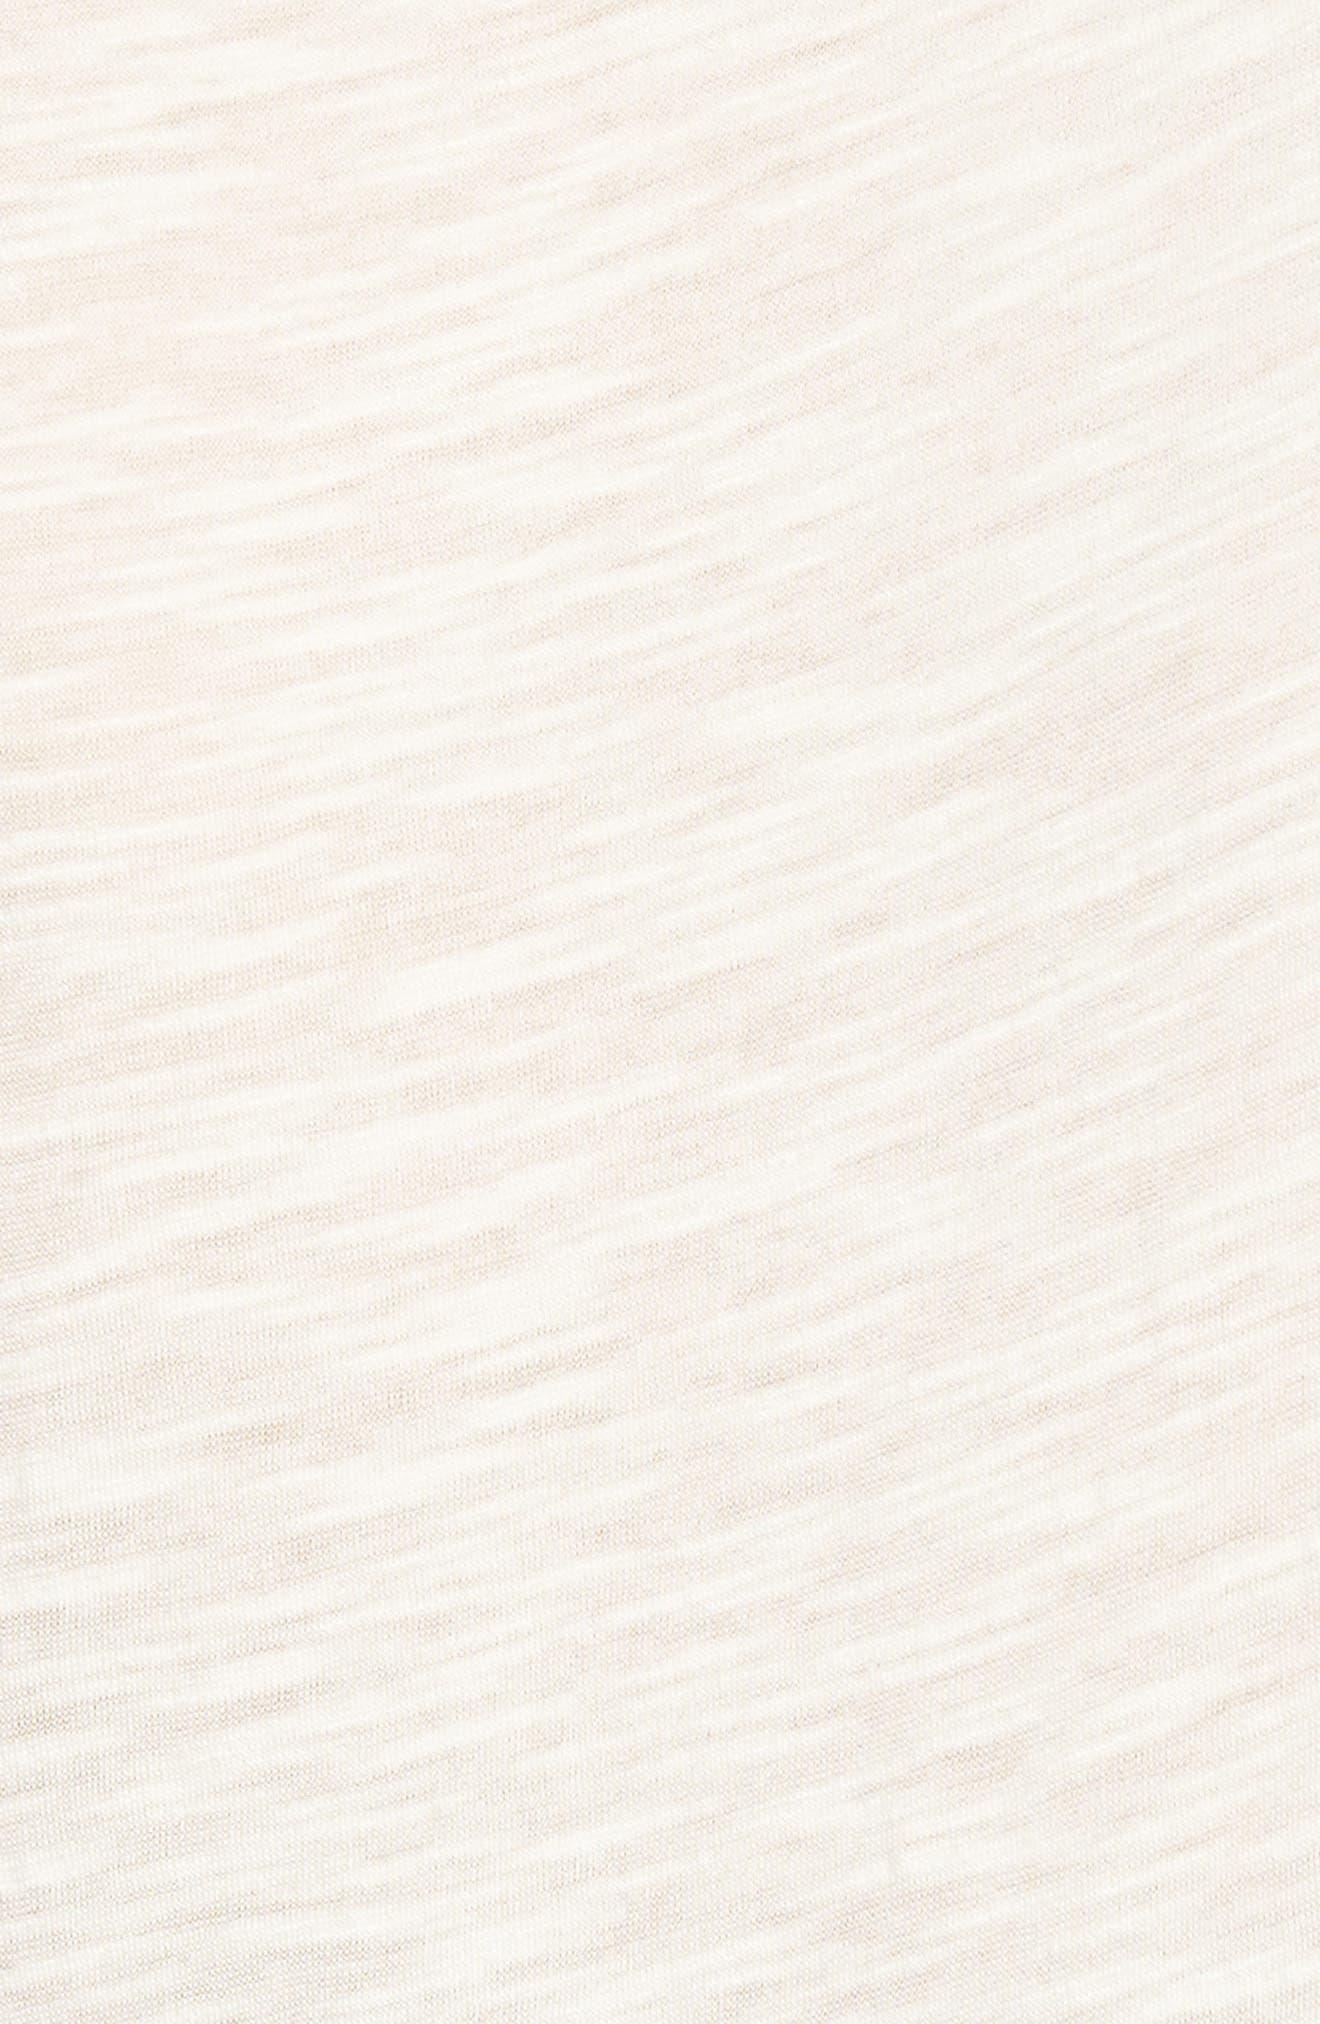 Mix Lace Knit Tank,                             Alternate thumbnail 6, color,                             Ivory- Black